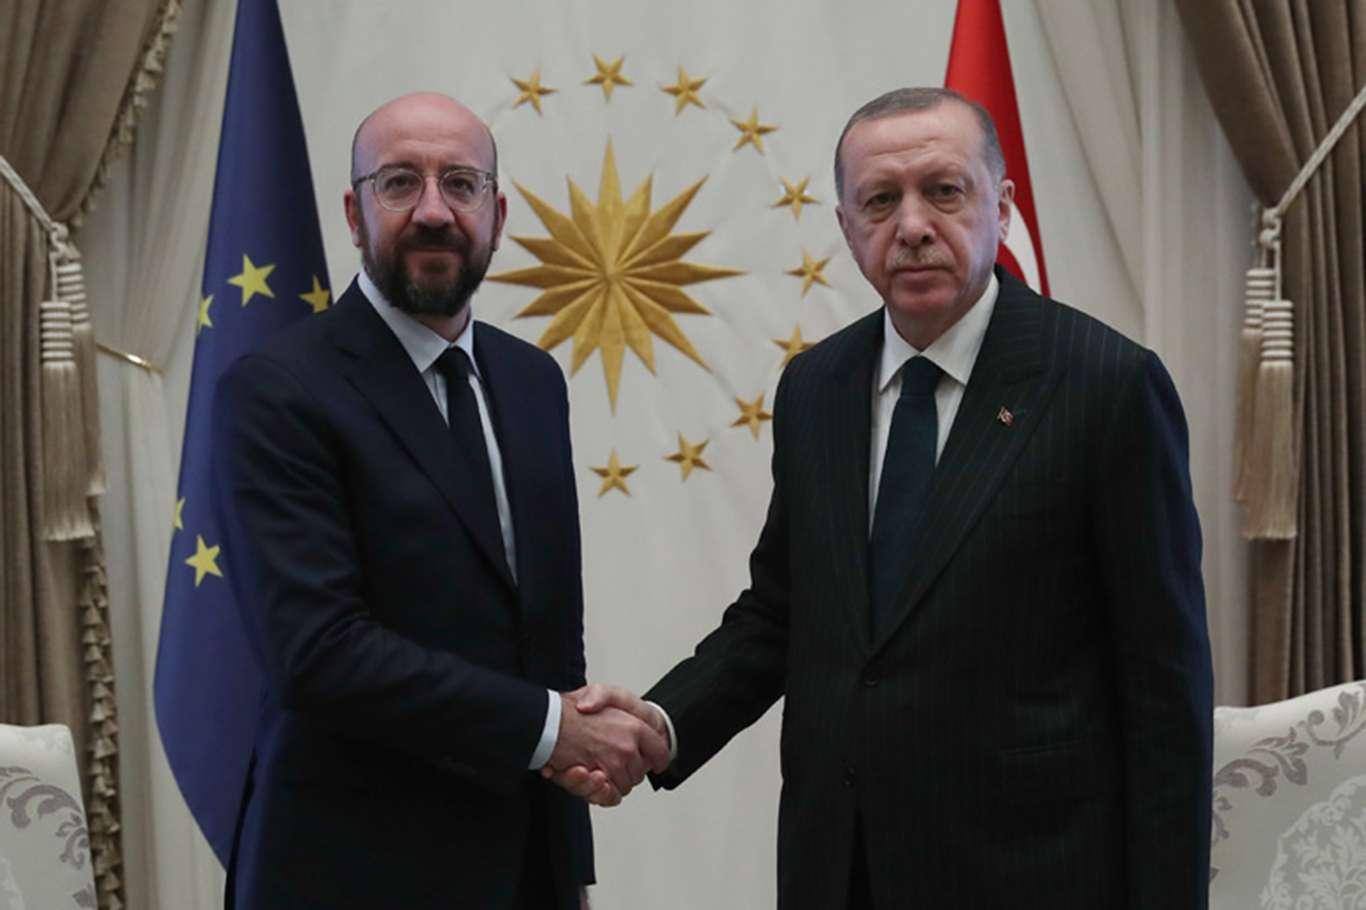 Cumhurbaşkanı Erdoğan, AB Konseyi Başkanı Michel ile Doğu Akdenizi görüştü